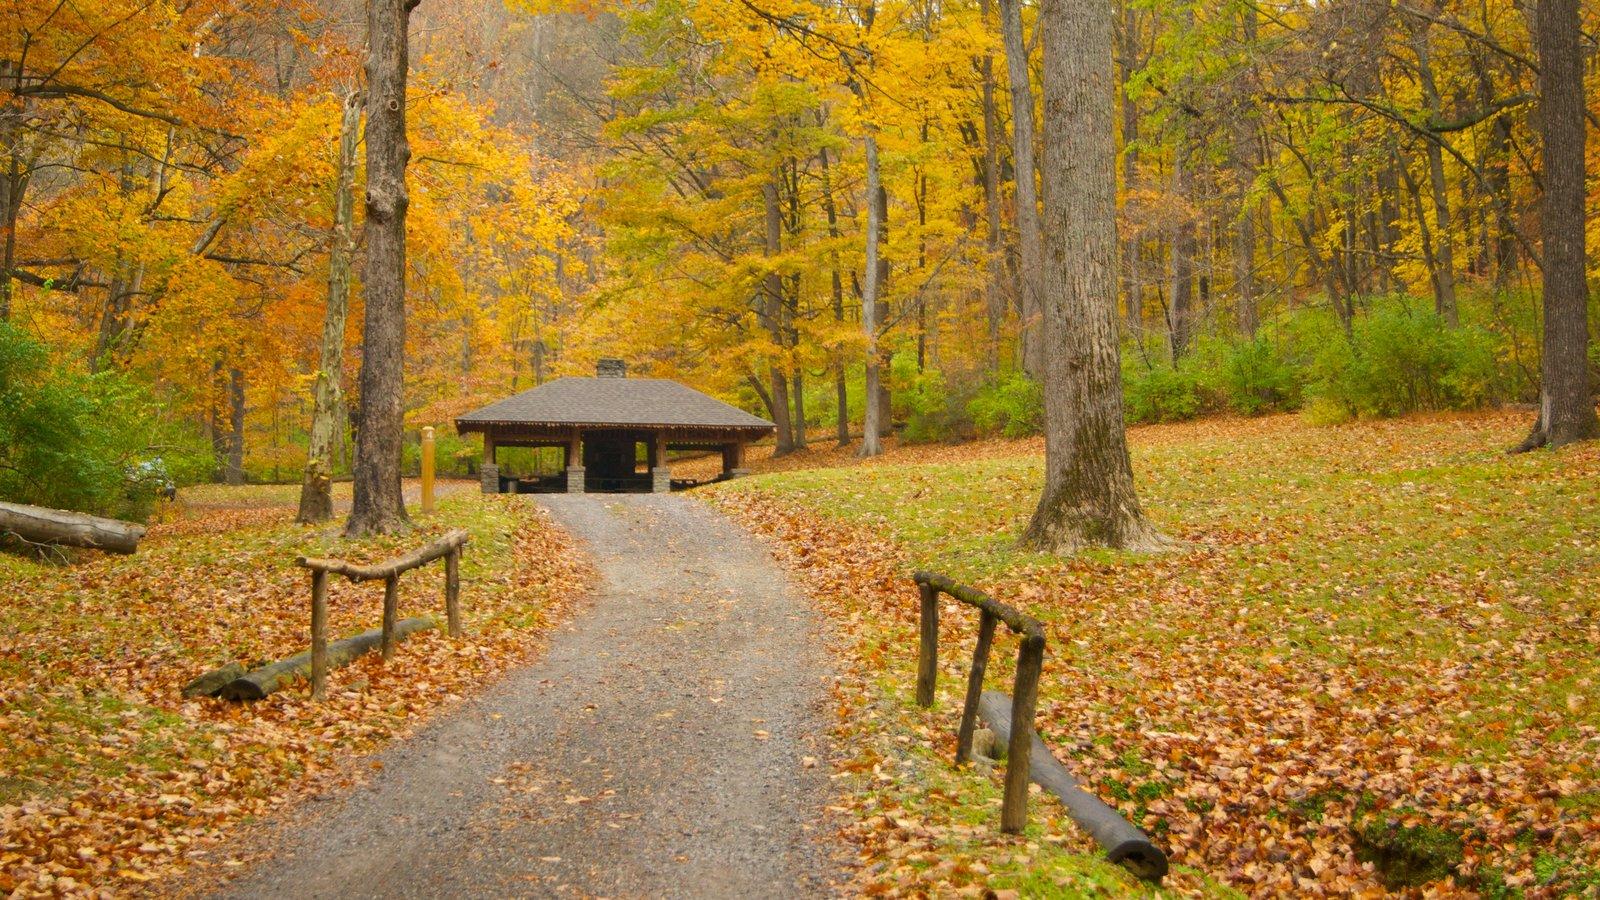 Edwin and Percy Warner Parks ofreciendo los colores del otoño, escenas forestales y vistas de paisajes